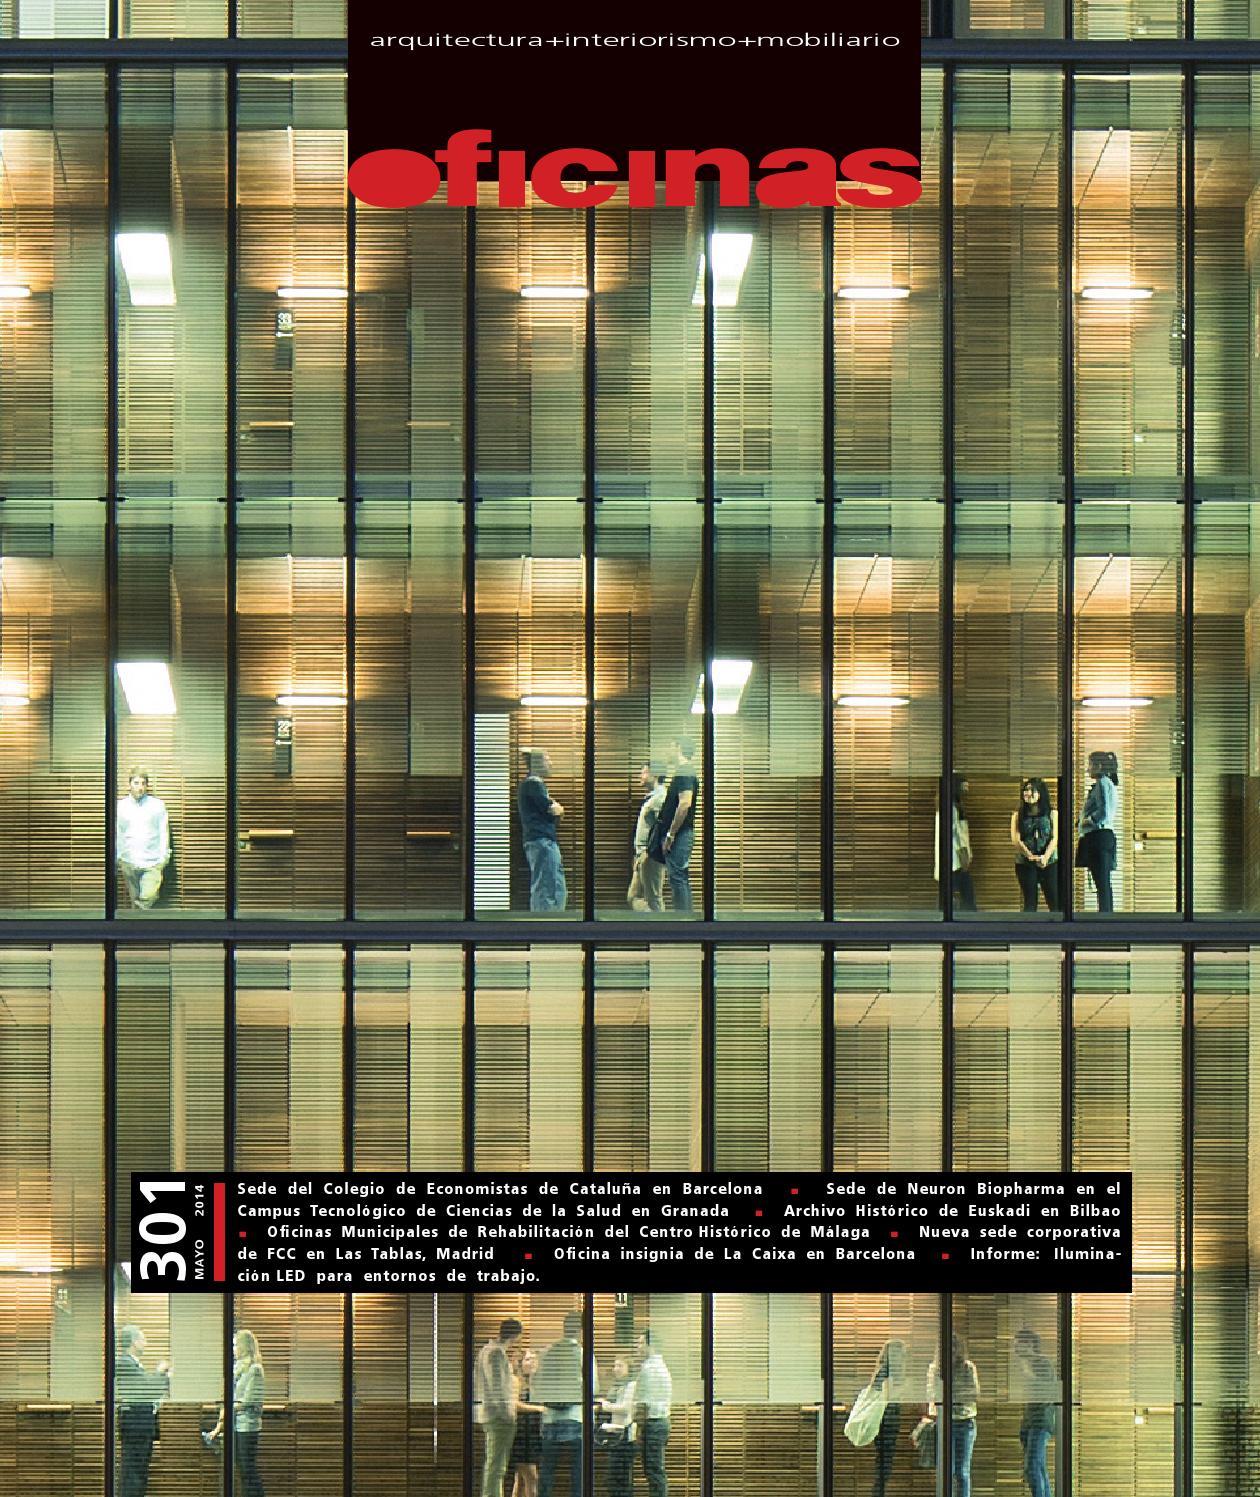 Issuu revista oficinas n 301 by grupo for Oficinas caixa bilbao